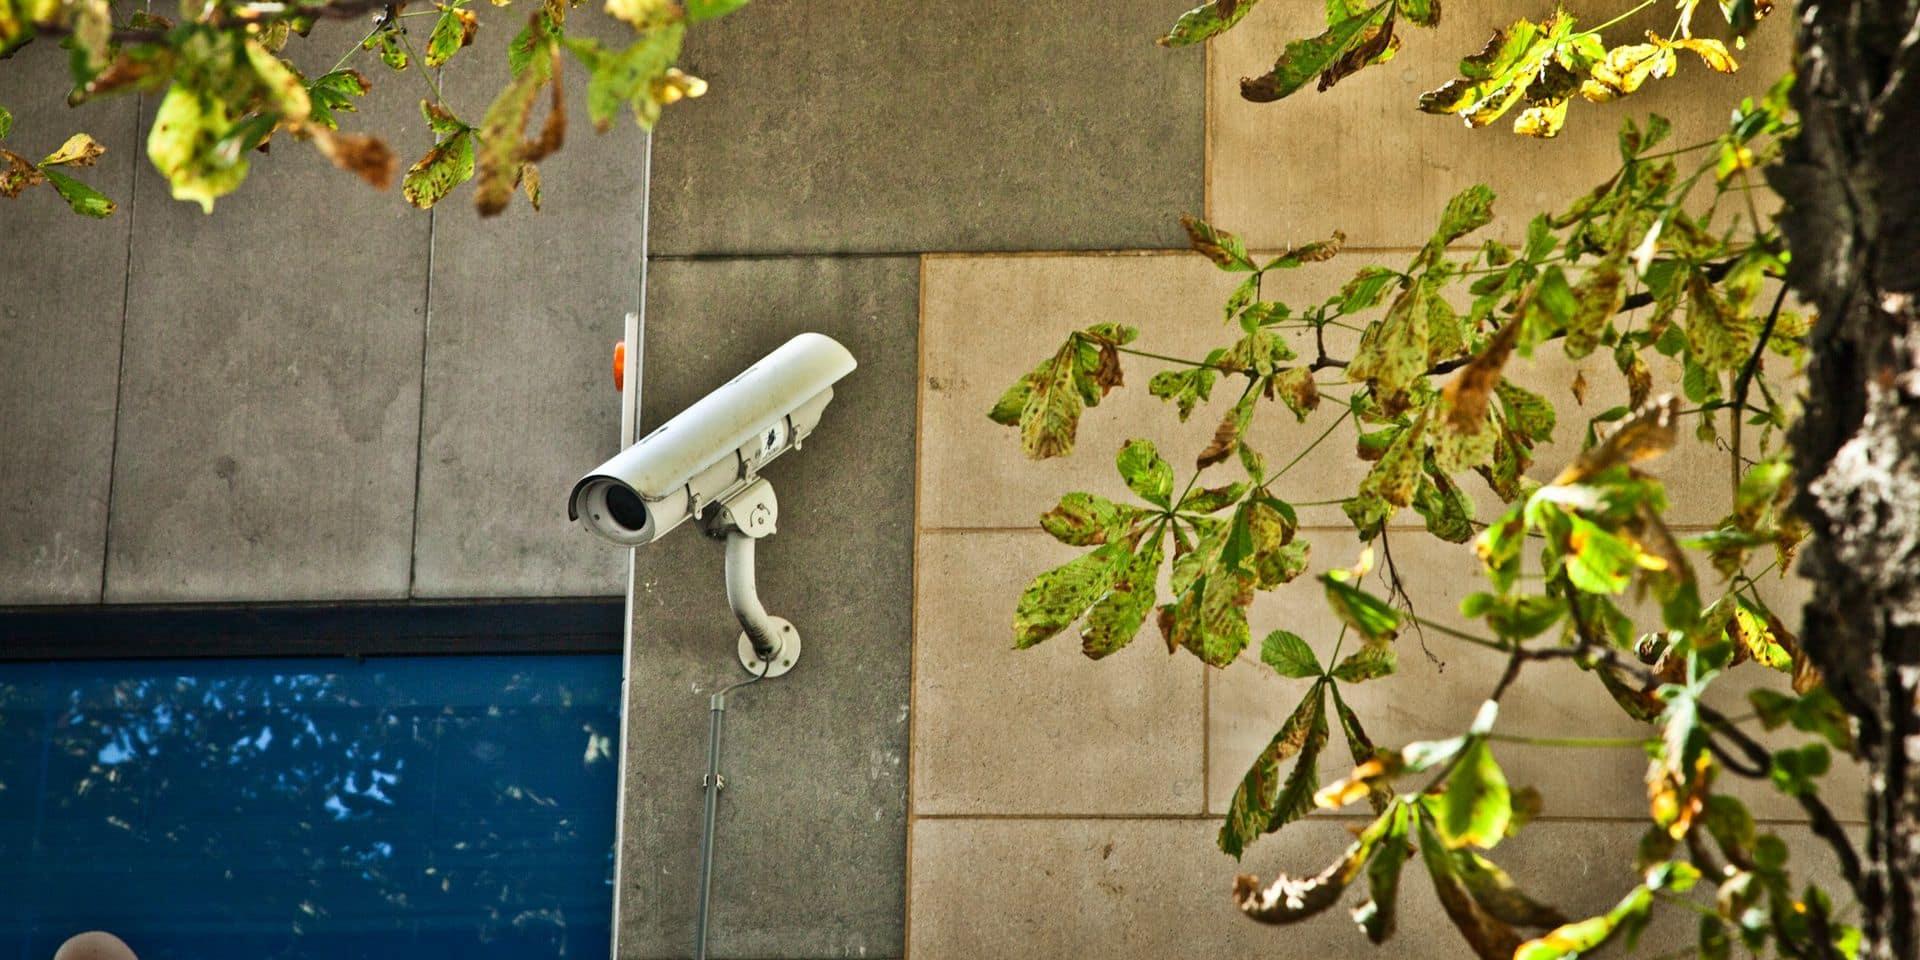 Confinés, des Britanniques utilisent leurs caméras de surveillance pour espionner leurs voisins